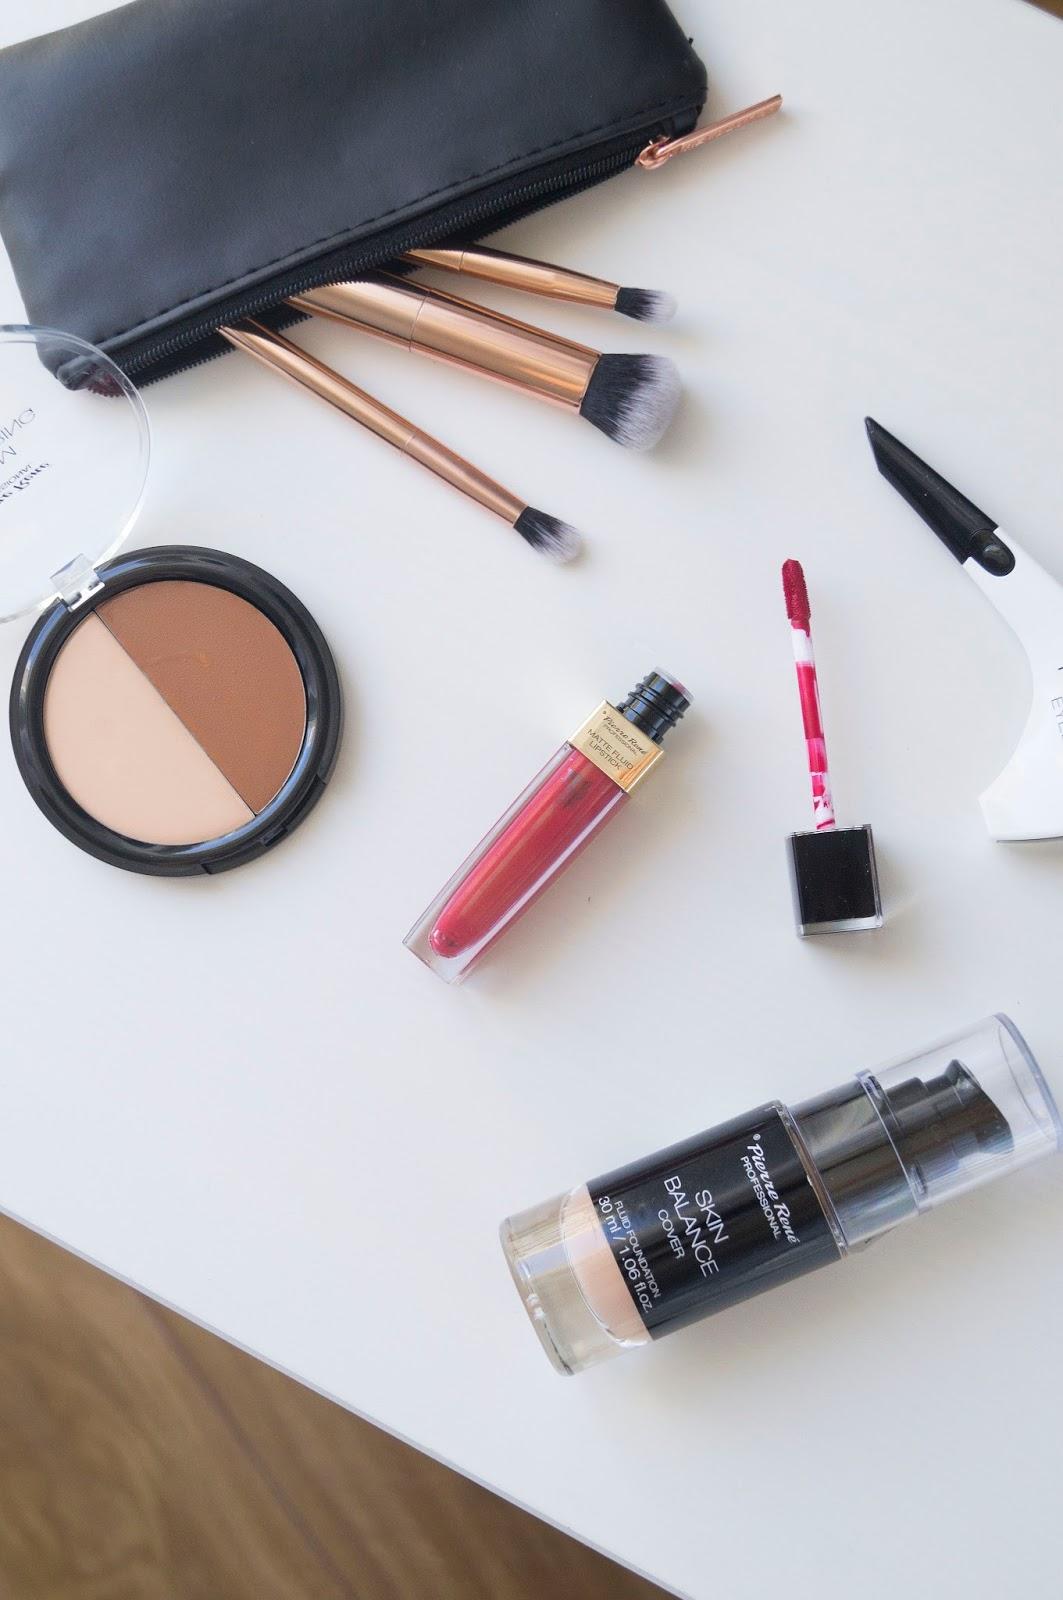 Czerwona, matowa pomadka do ust, pisak do oczu Hi-Tech oraz kremowa paleta do konturowania twarzy Cream Contouring - nowości kosmetyczne od Pierre Rene